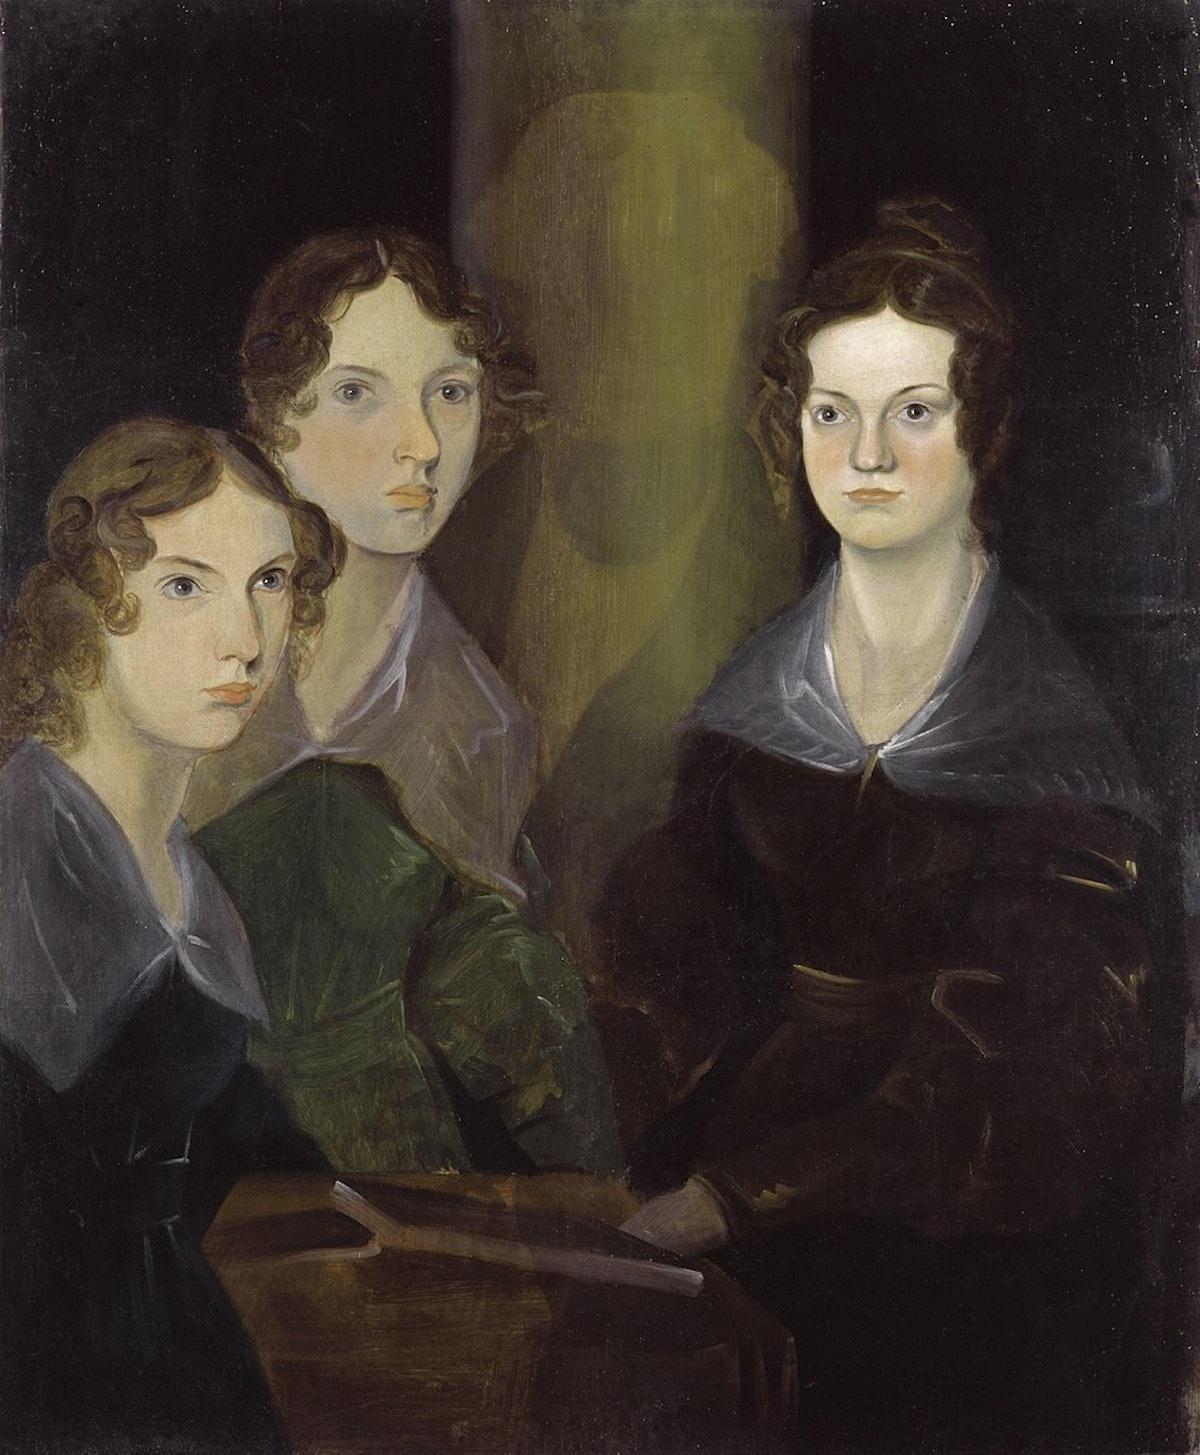 990px-The_Brontë_Sisters_by_Patrick_Branwell_Brontë_restored.jpg